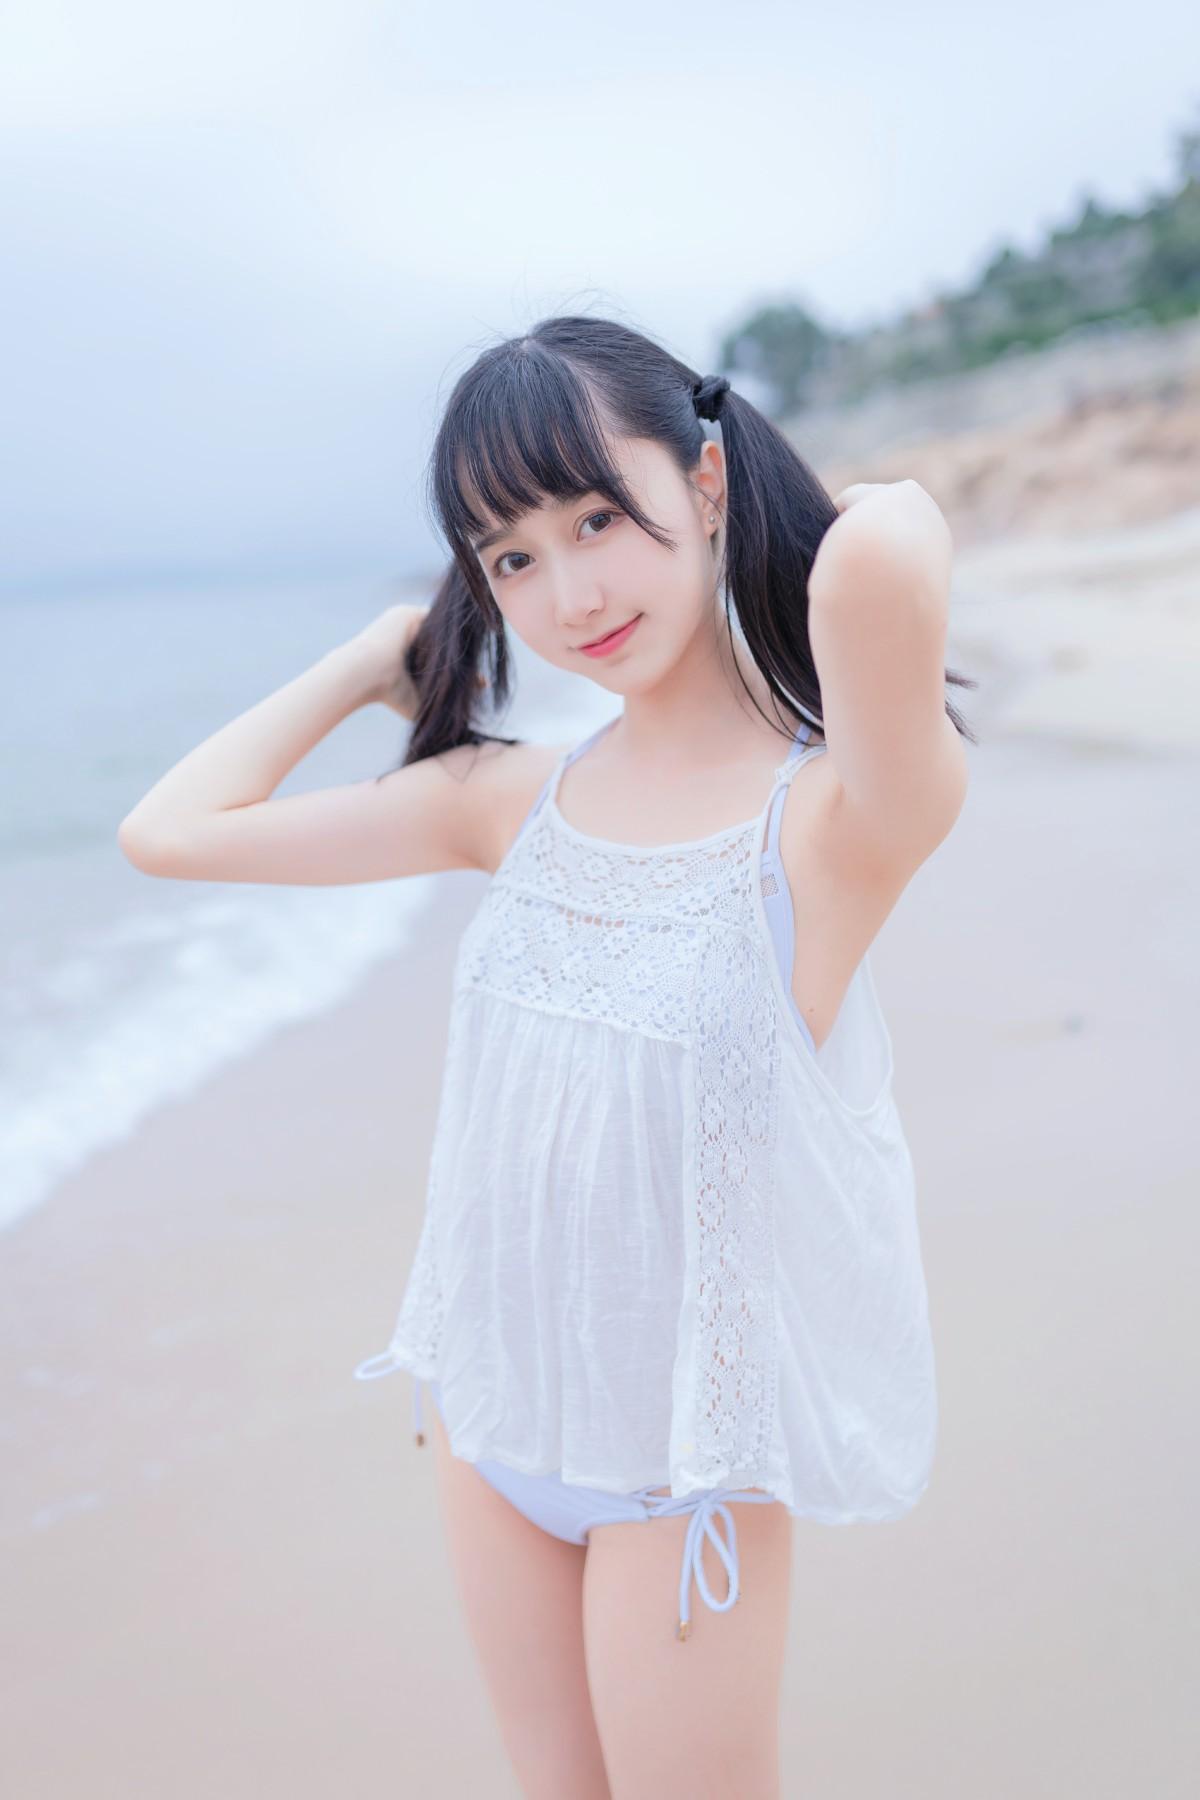 萌系小姐姐木绵绵OwO 海边白色比基尼[30P] 其他套图 第2张